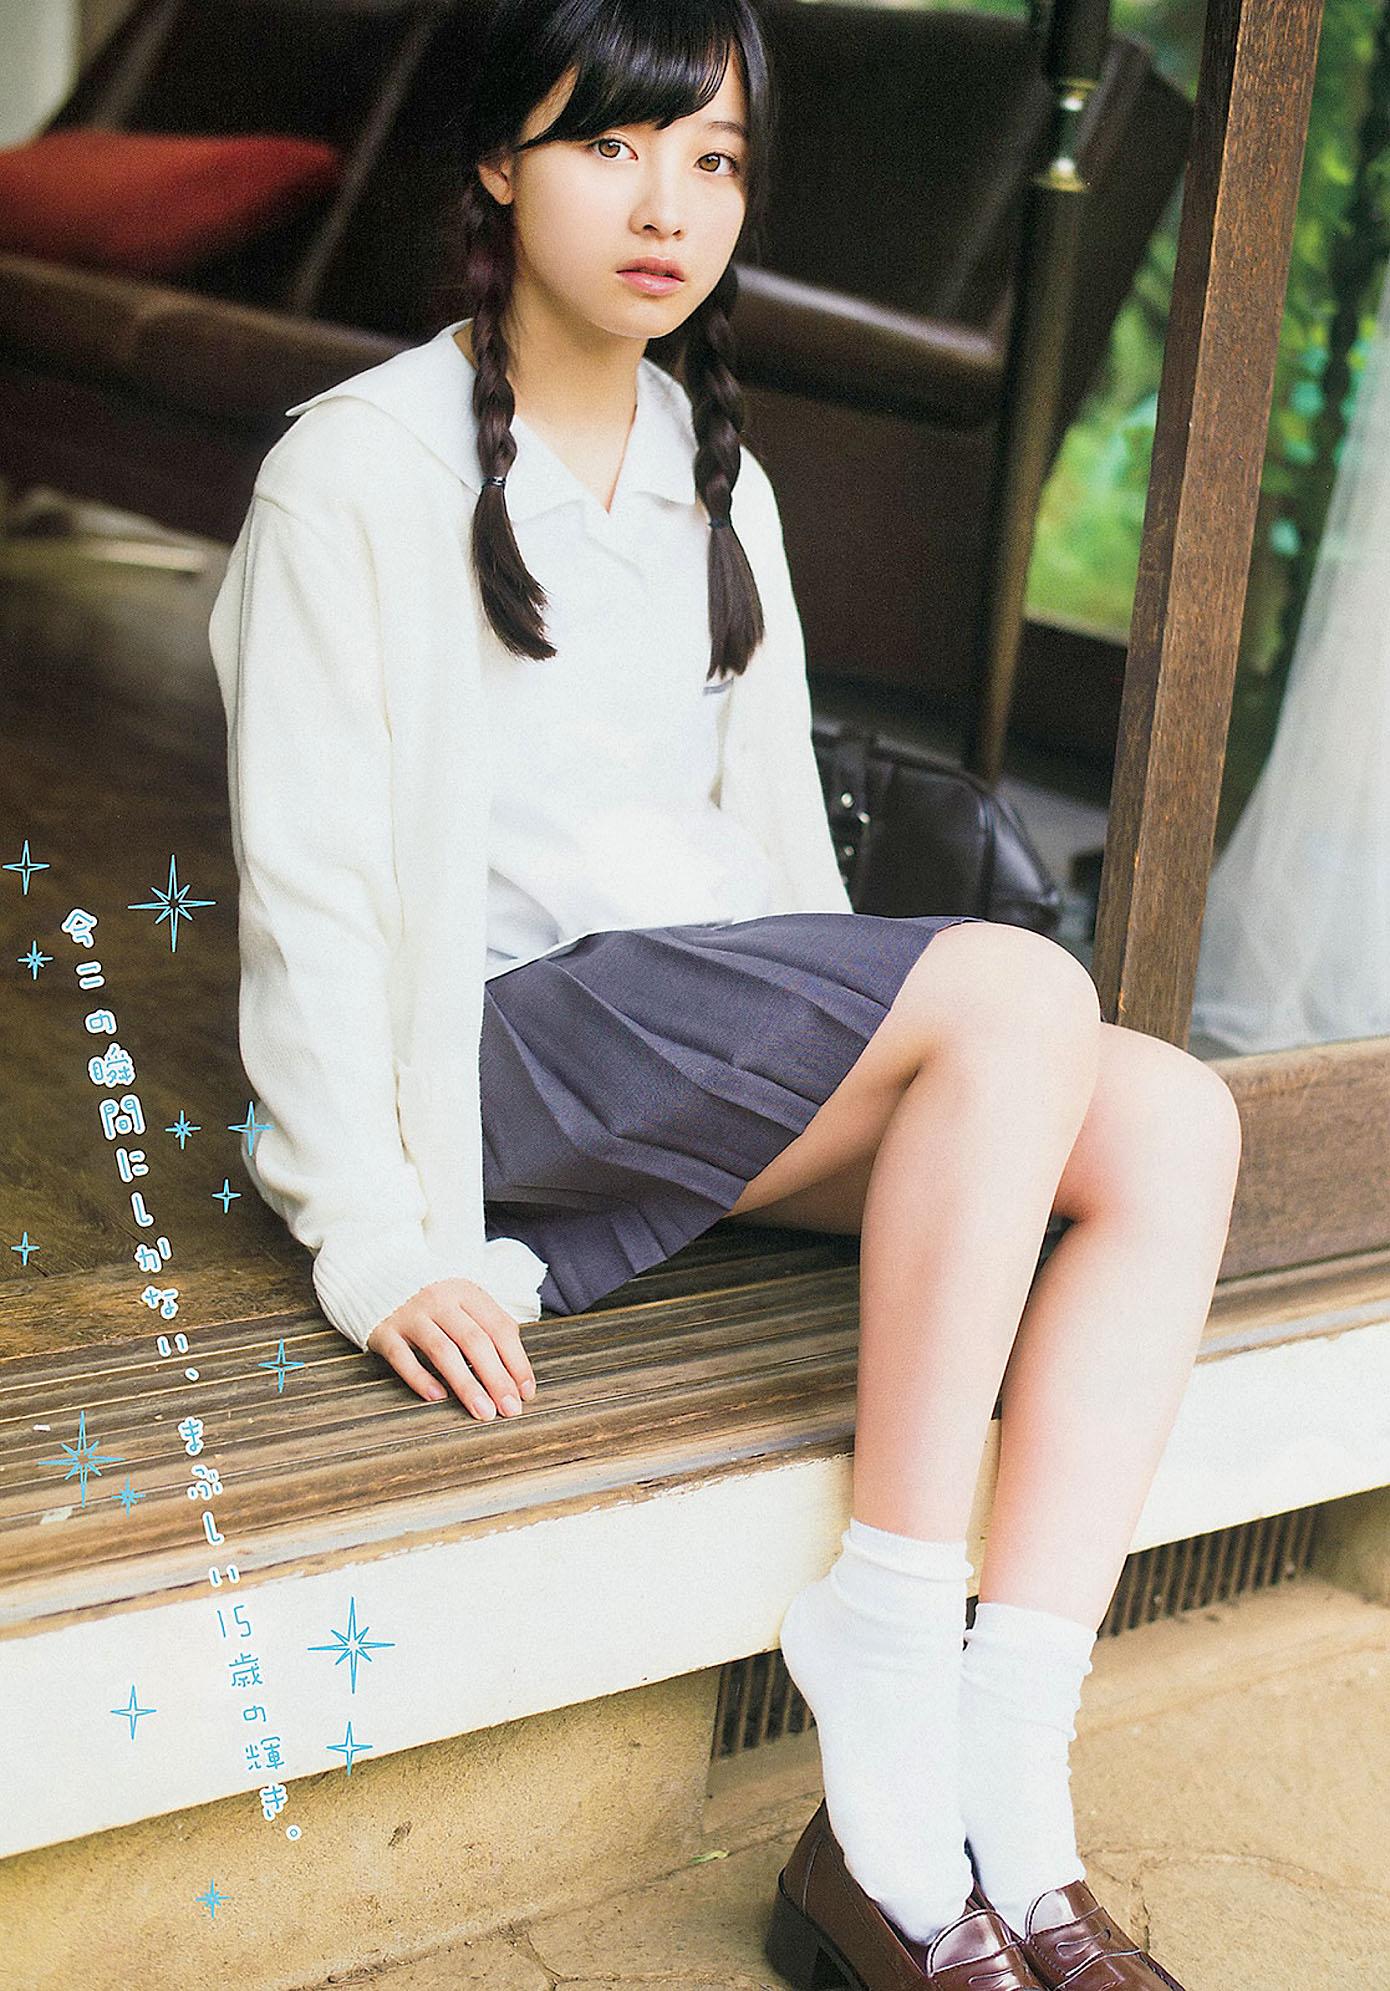 KHashimoto Young Magazine 150101 04.jpg